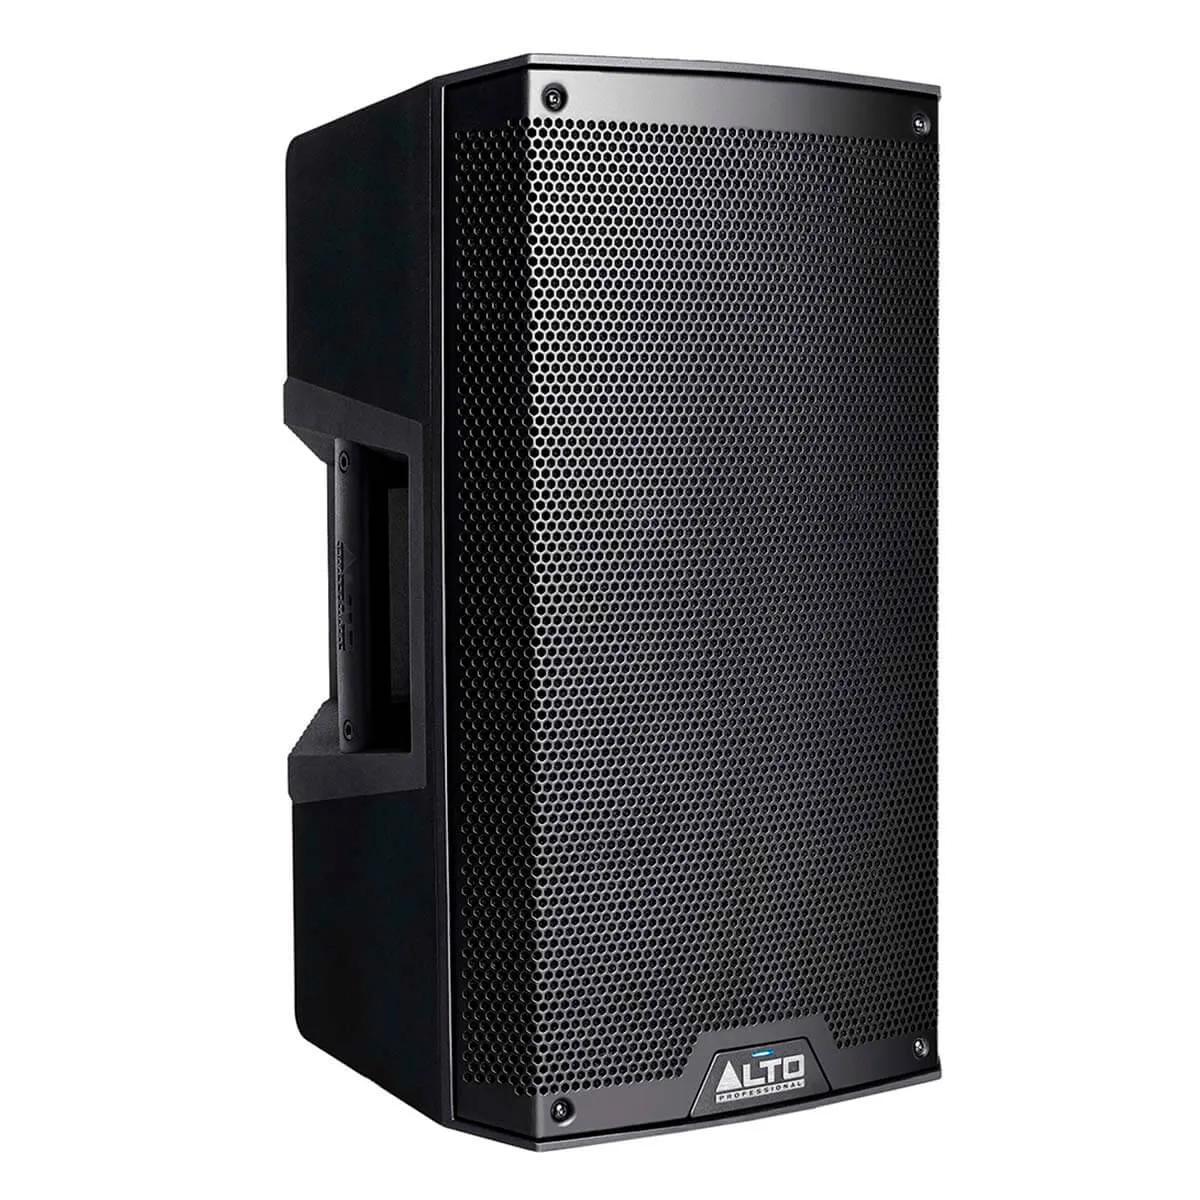 Caixa Acústica Ativa Alto Professional Truesonic TS310 2000W